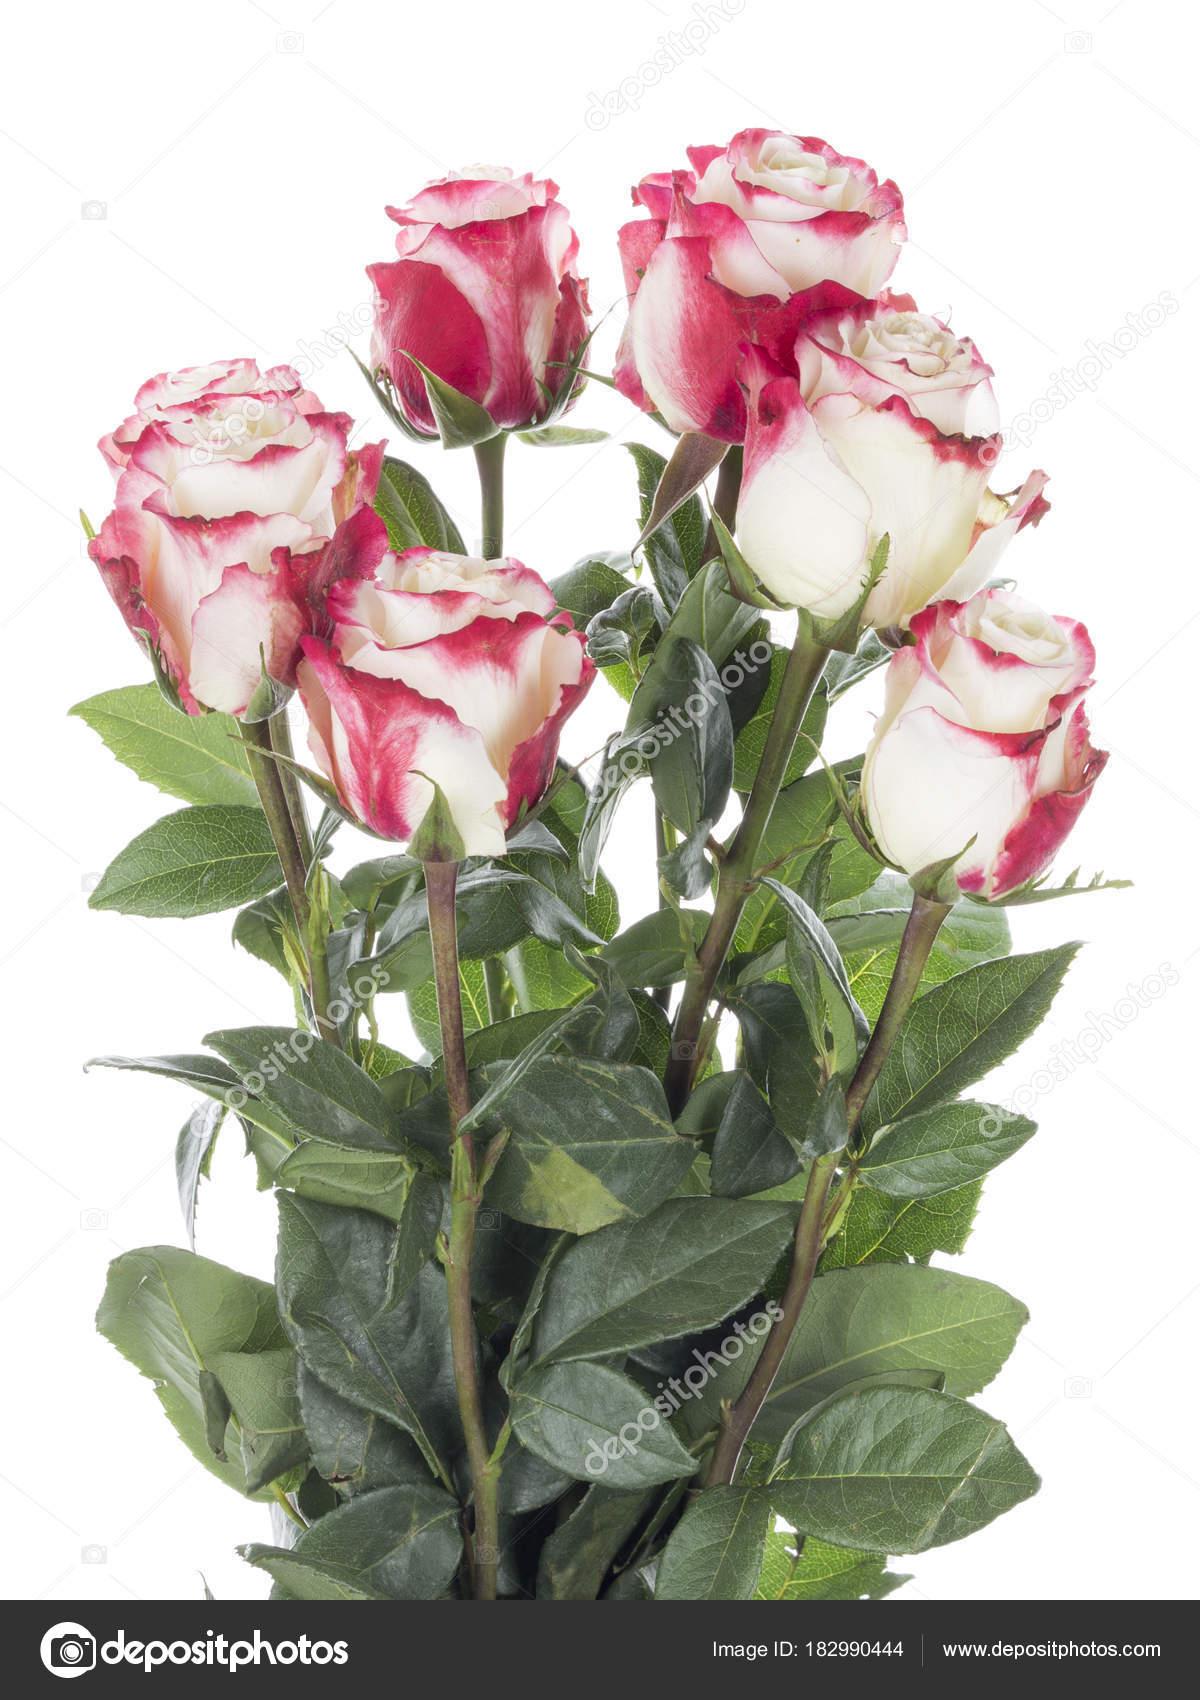 blumenstrau aus rosen auf wei em hintergrund stockfoto andreevaee 182990444. Black Bedroom Furniture Sets. Home Design Ideas